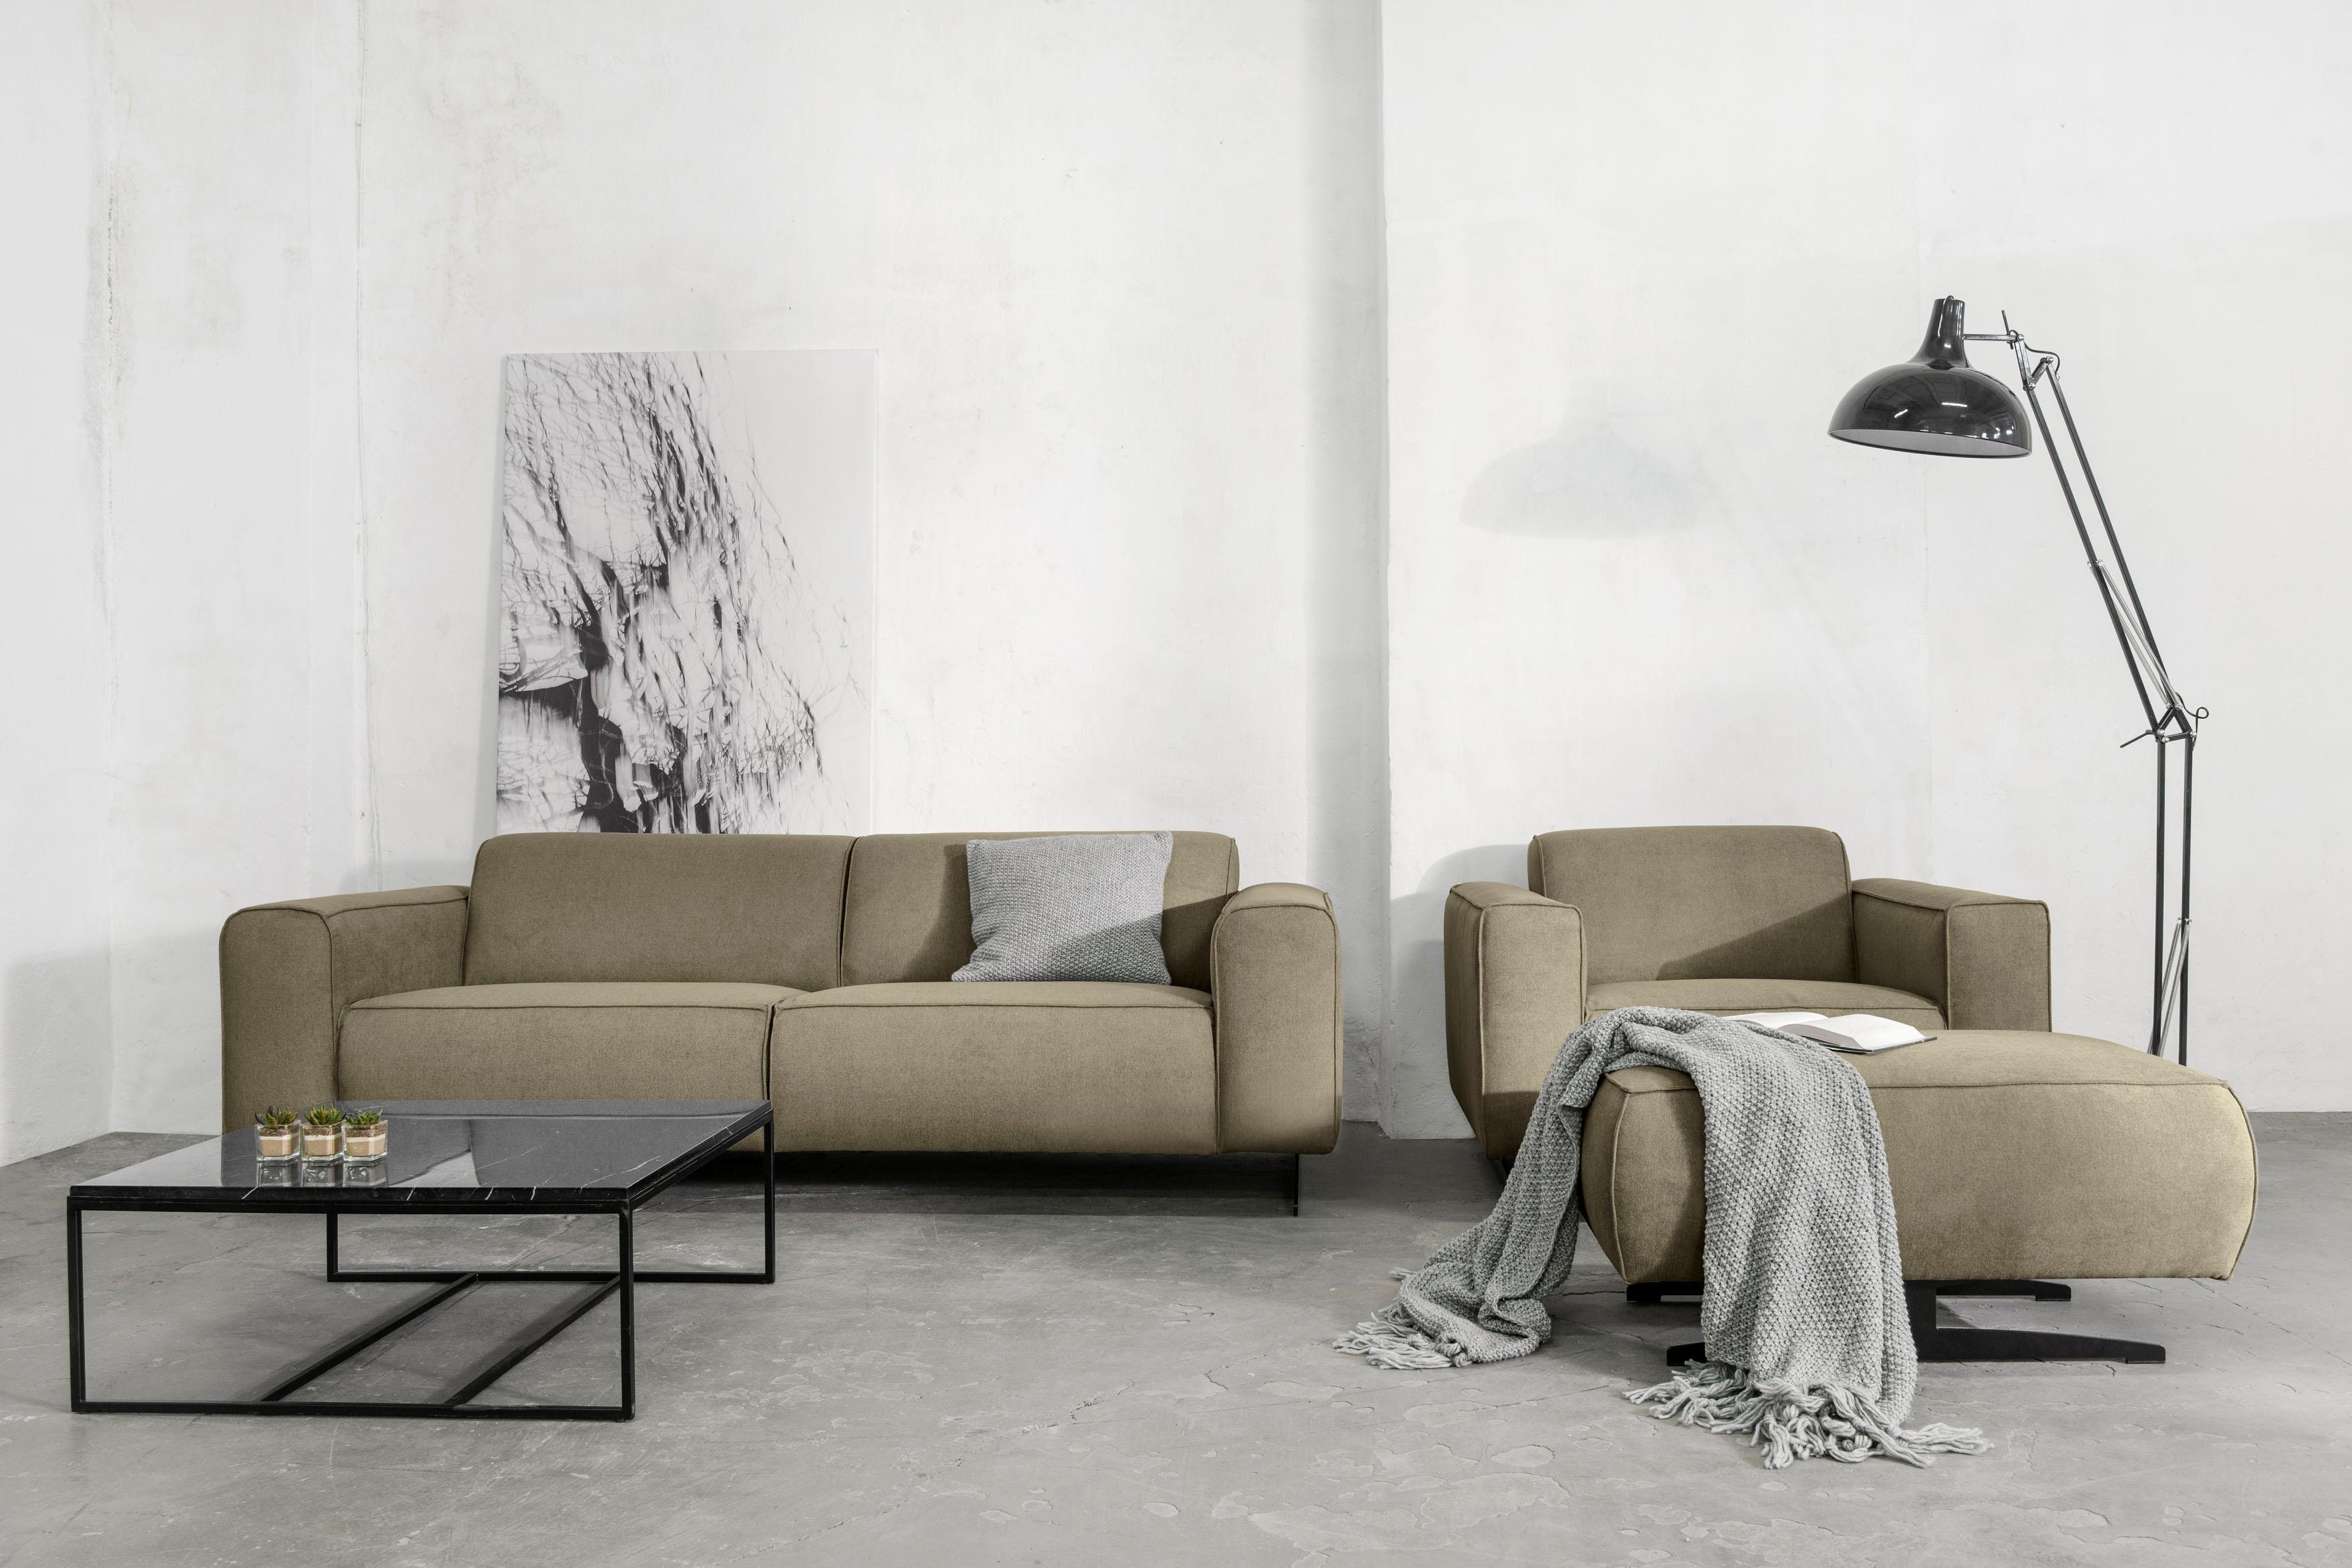 Salone-negozio-online 2 & 3 Sitzer Sofas online kaufen | Möbel ...